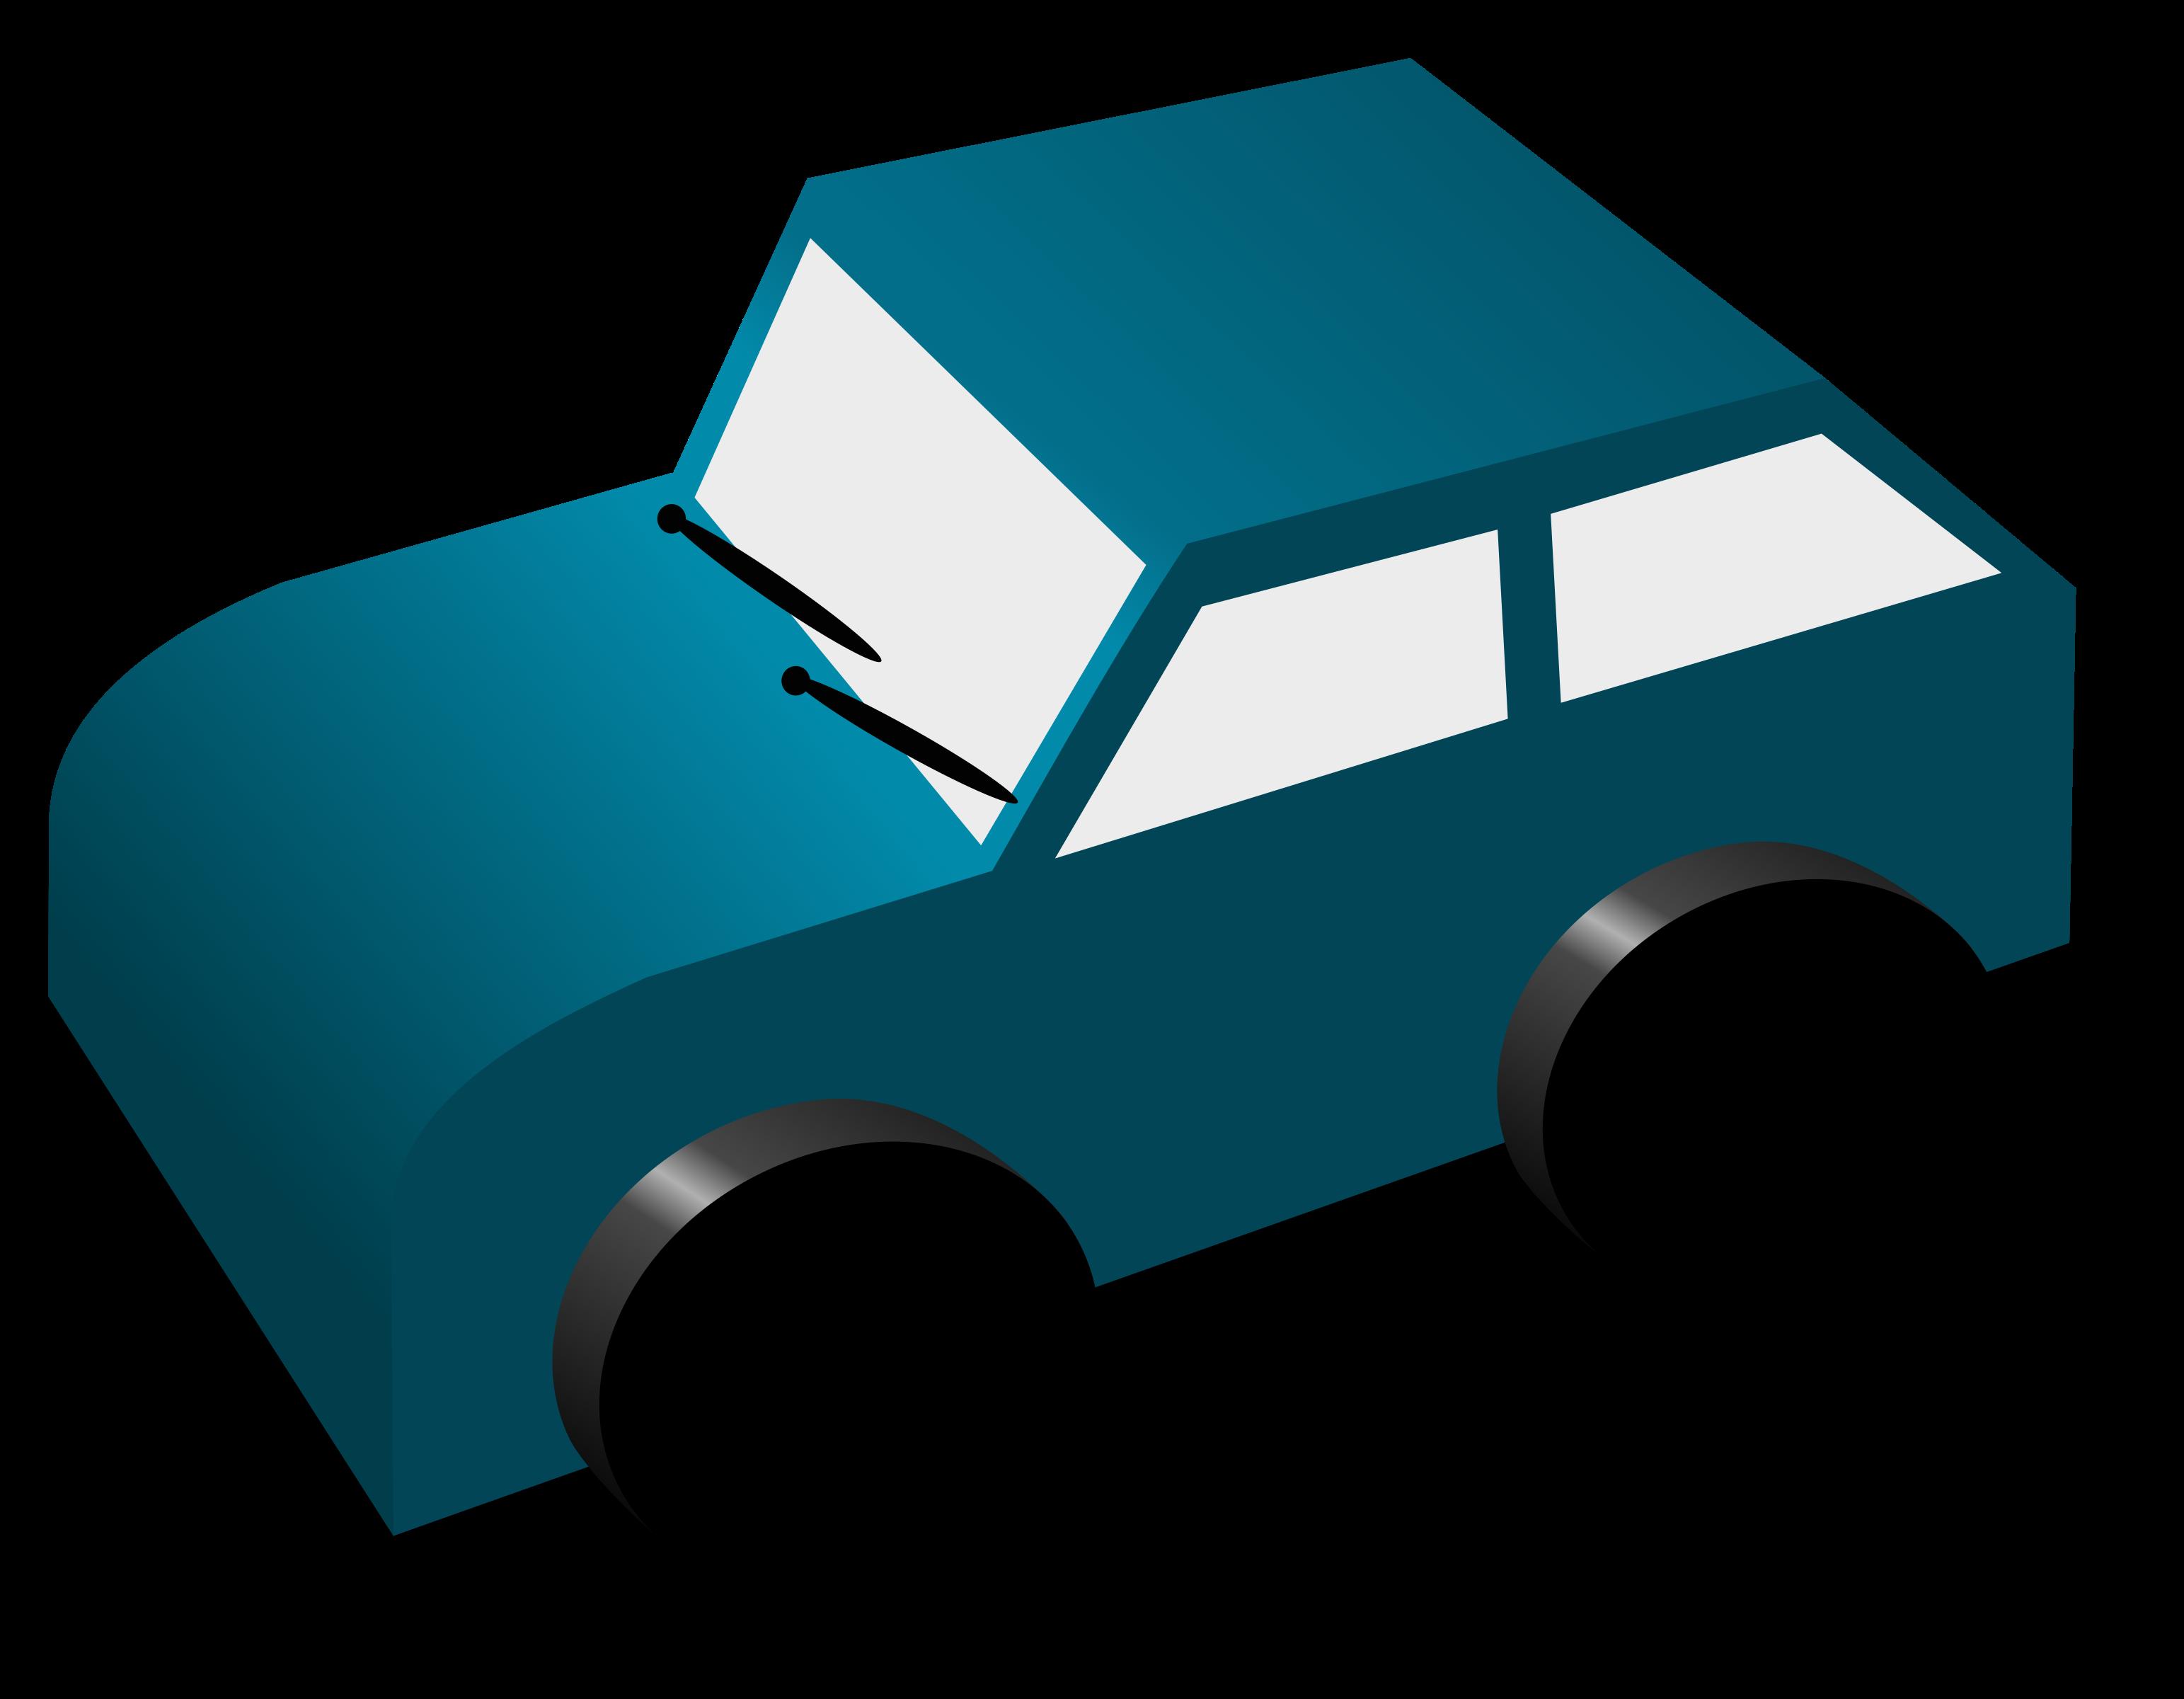 Cartoon clipart car png transparent Clipart - Cartoon Car png transparent